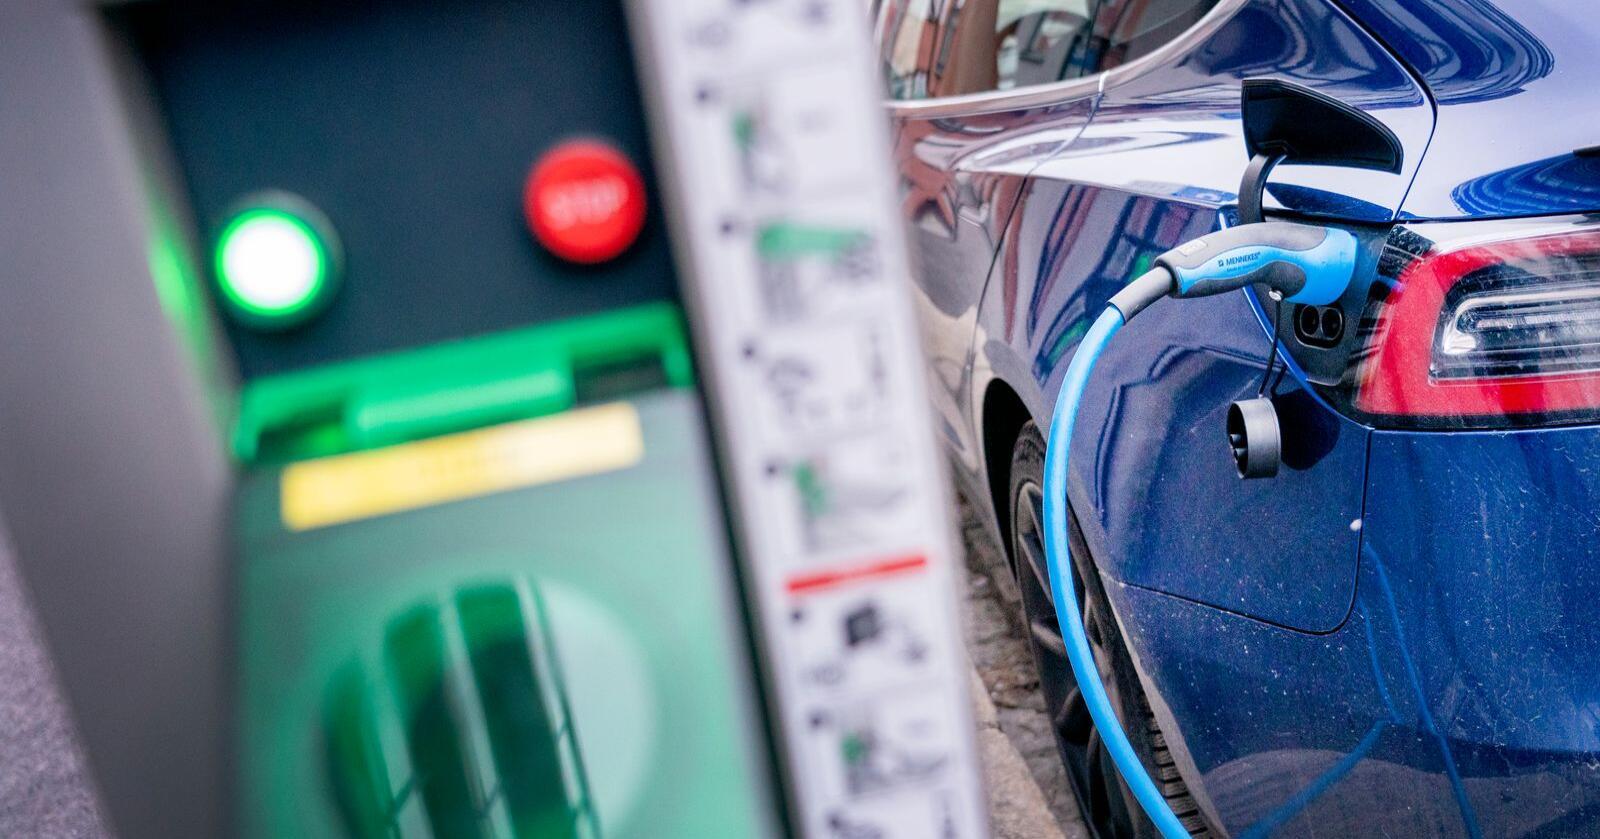 Kjemien kan gå i stå når du hurtiglader bilen.Illustrasjonsfoto: Gorm Kallestad / NTB